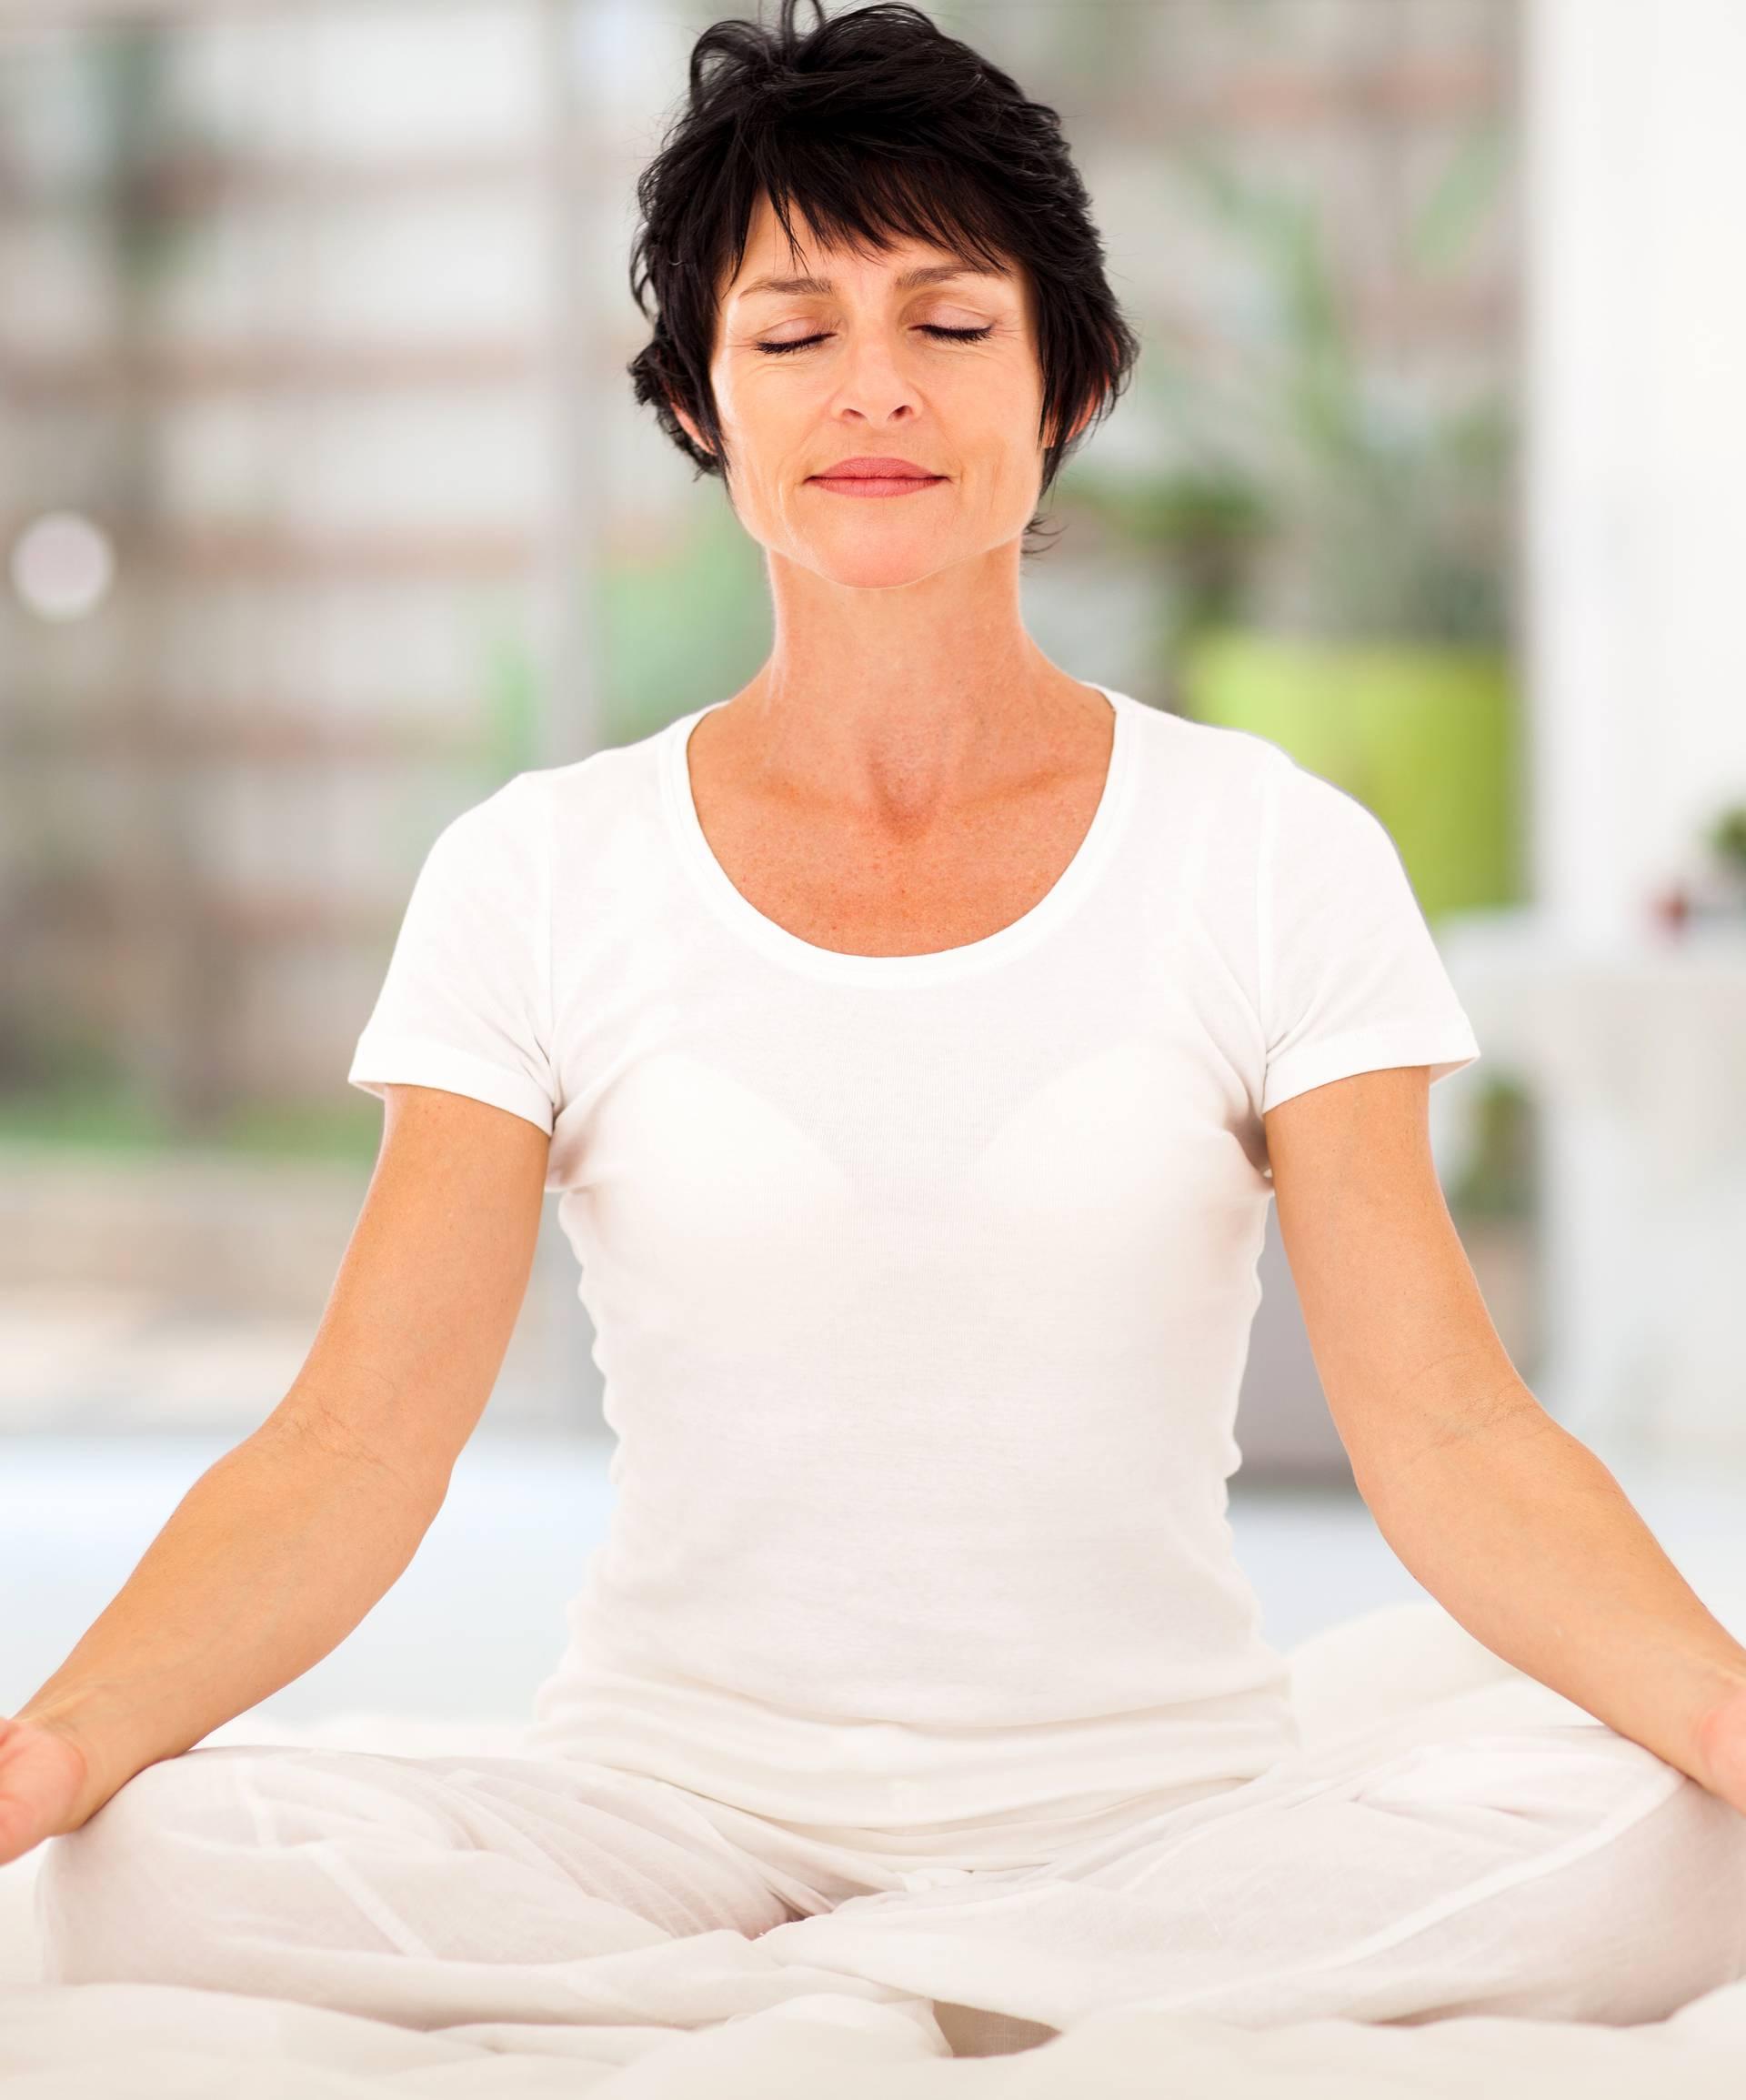 Dišite, meditirajte i osvijestite sadašnji trenutak -  bit će bolje